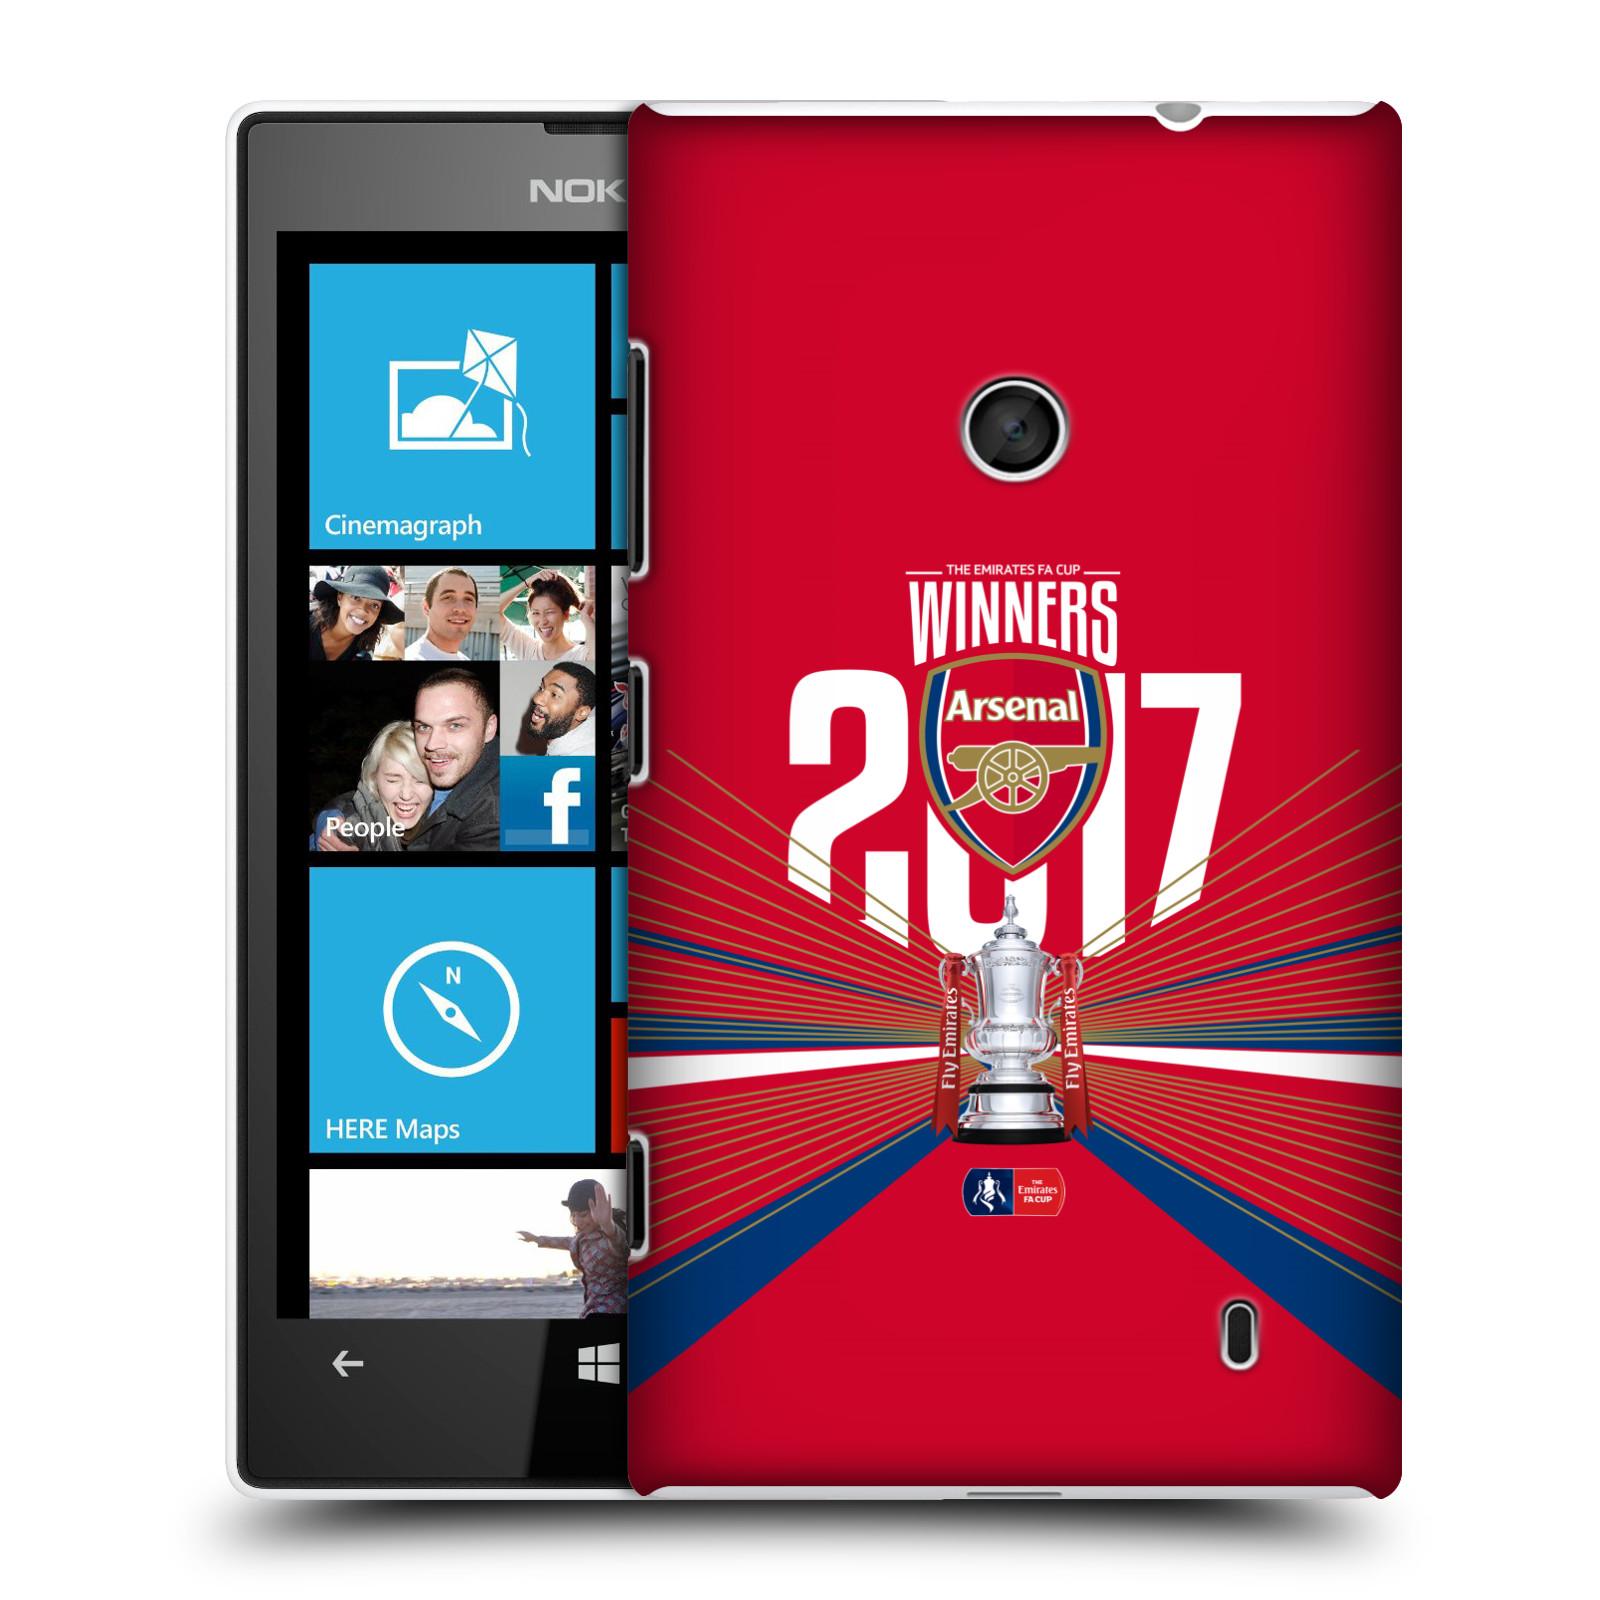 Plastové pouzdro na mobil Nokia Lumia 520 - Head Case - Arsenal FC - Trophy